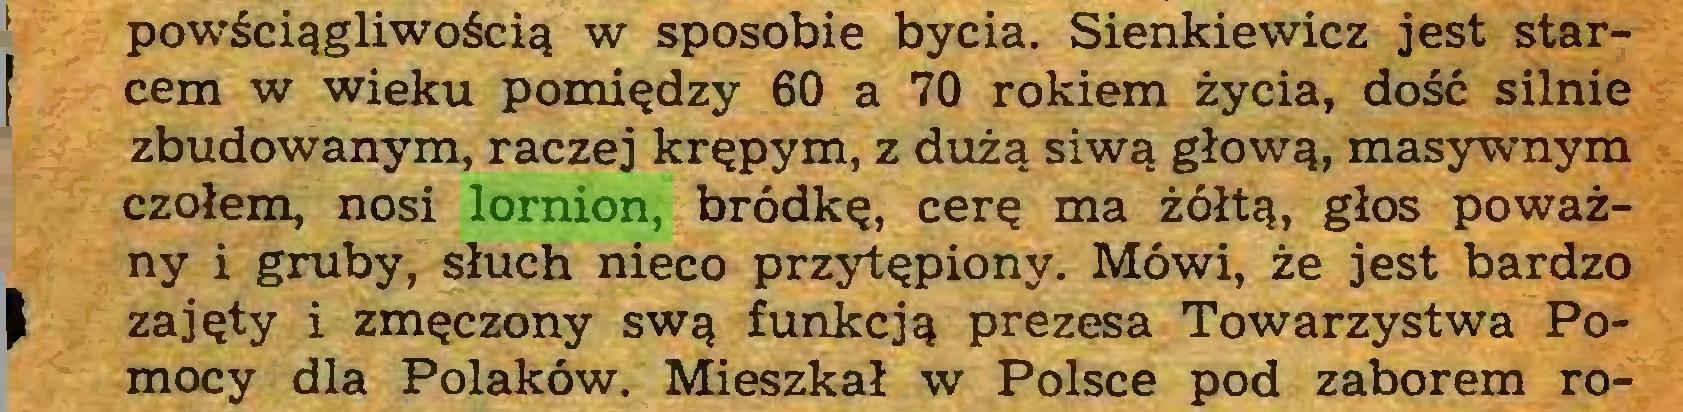 (...) powściągliwością w sposobie bycia. Sienkiewicz jest starcem w wieku pomiędzy 60 a 70 rokiem życia, dość silnie zbudowanym, raczej krępym, z dużą siwą głową, masywnym czołem, nosi lornion, bródkę, cerę ma żółtą, głos poważny i gruby, słuch nieco przytępiony. Mówi, że jest bardzo   zajęty i zmęczony swą funkcją prezesa Towarzystwa Pomocy dla Polaków. Mieszkał w Polsce pod zaborem ro...